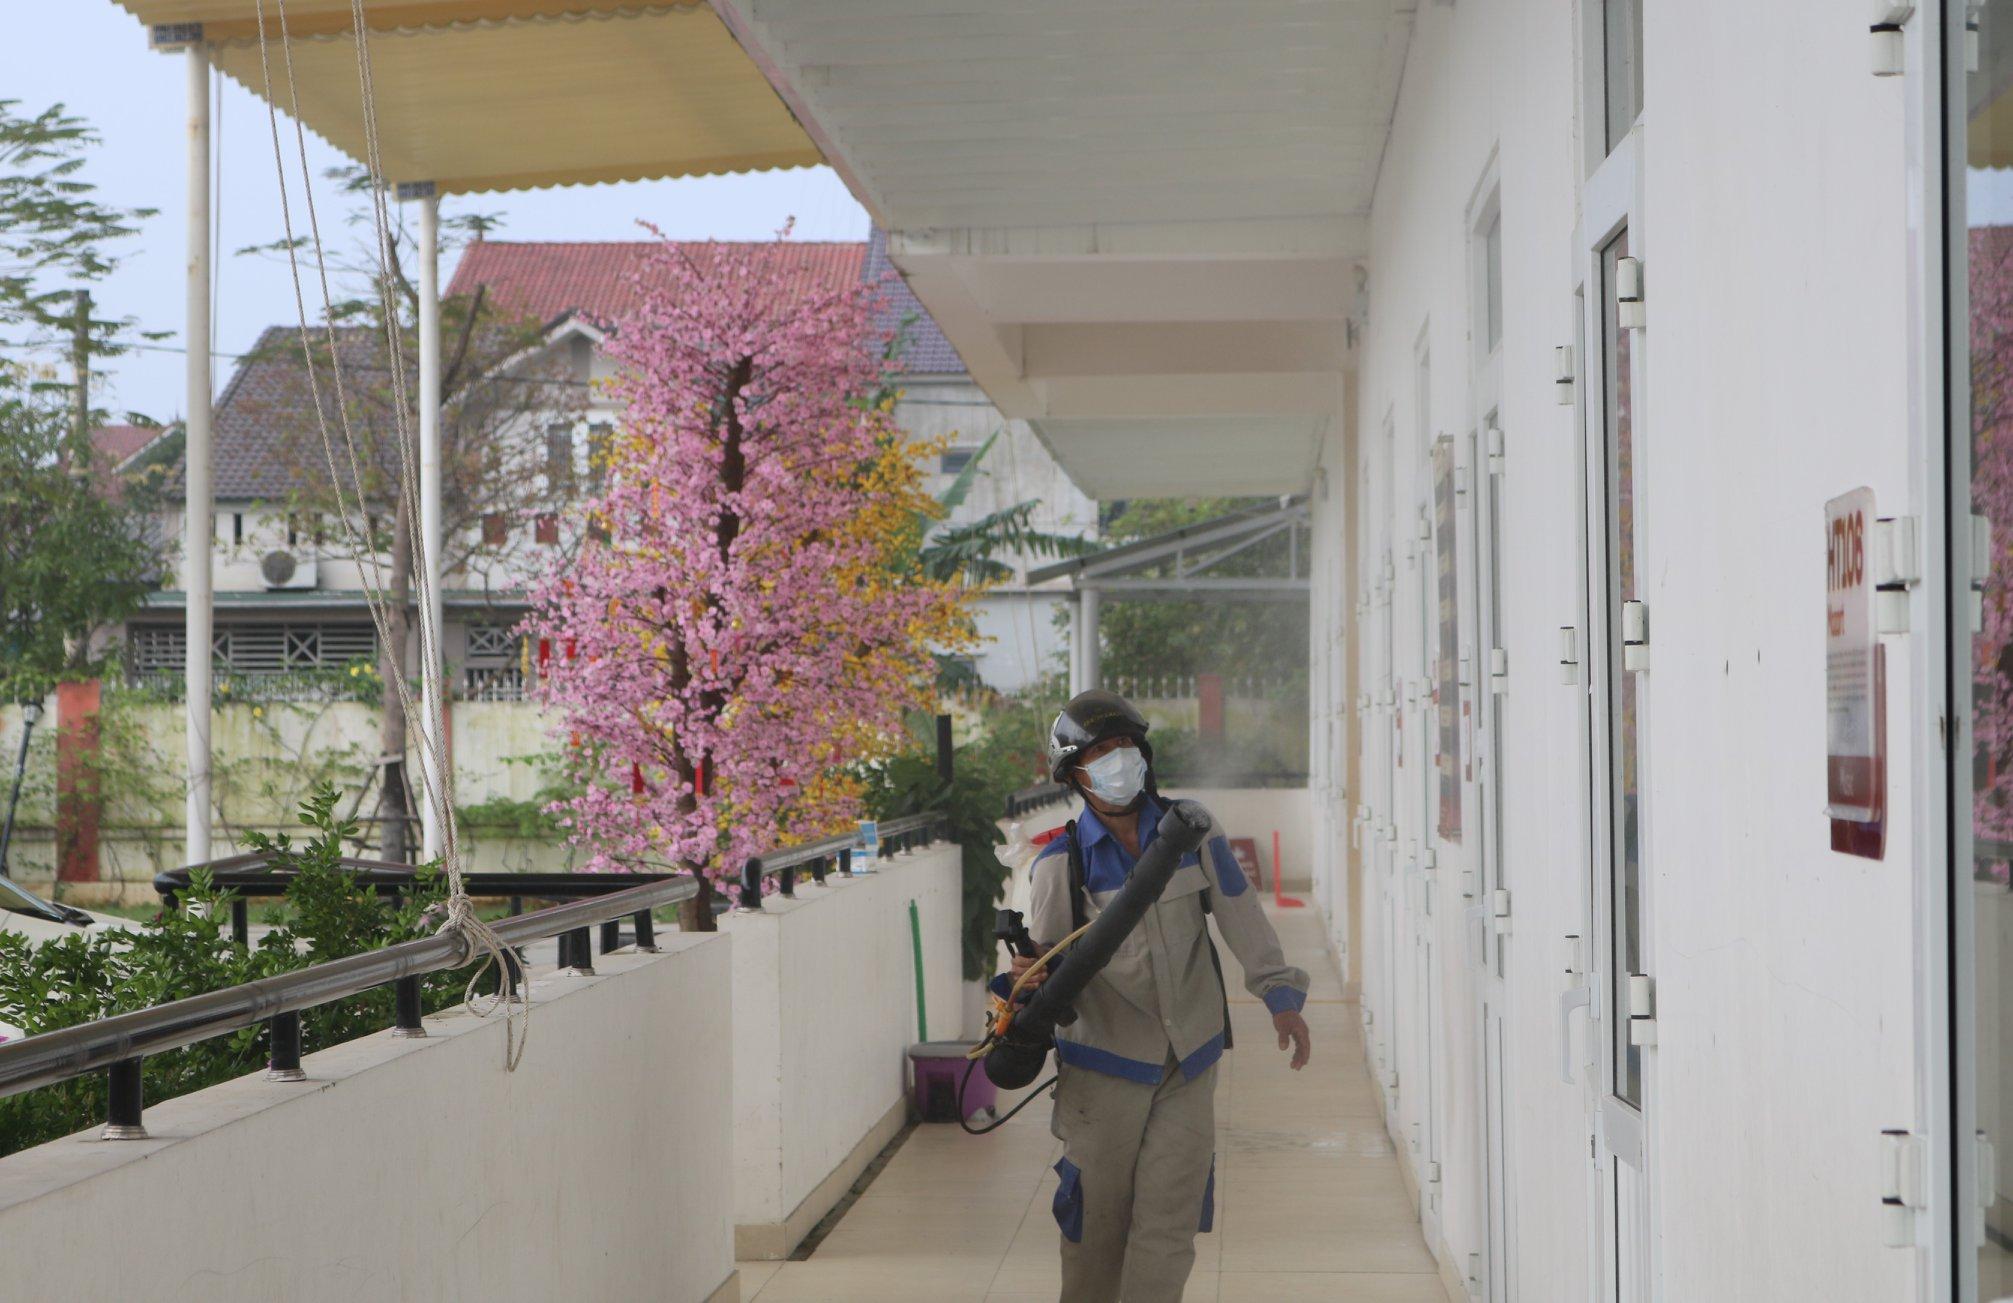 Hà Tĩnh tạm thời cho học sinh nghỉ học để chủ động phòng, chống dịch bệnh do chủng mới của vi rút nCoV gây ra.